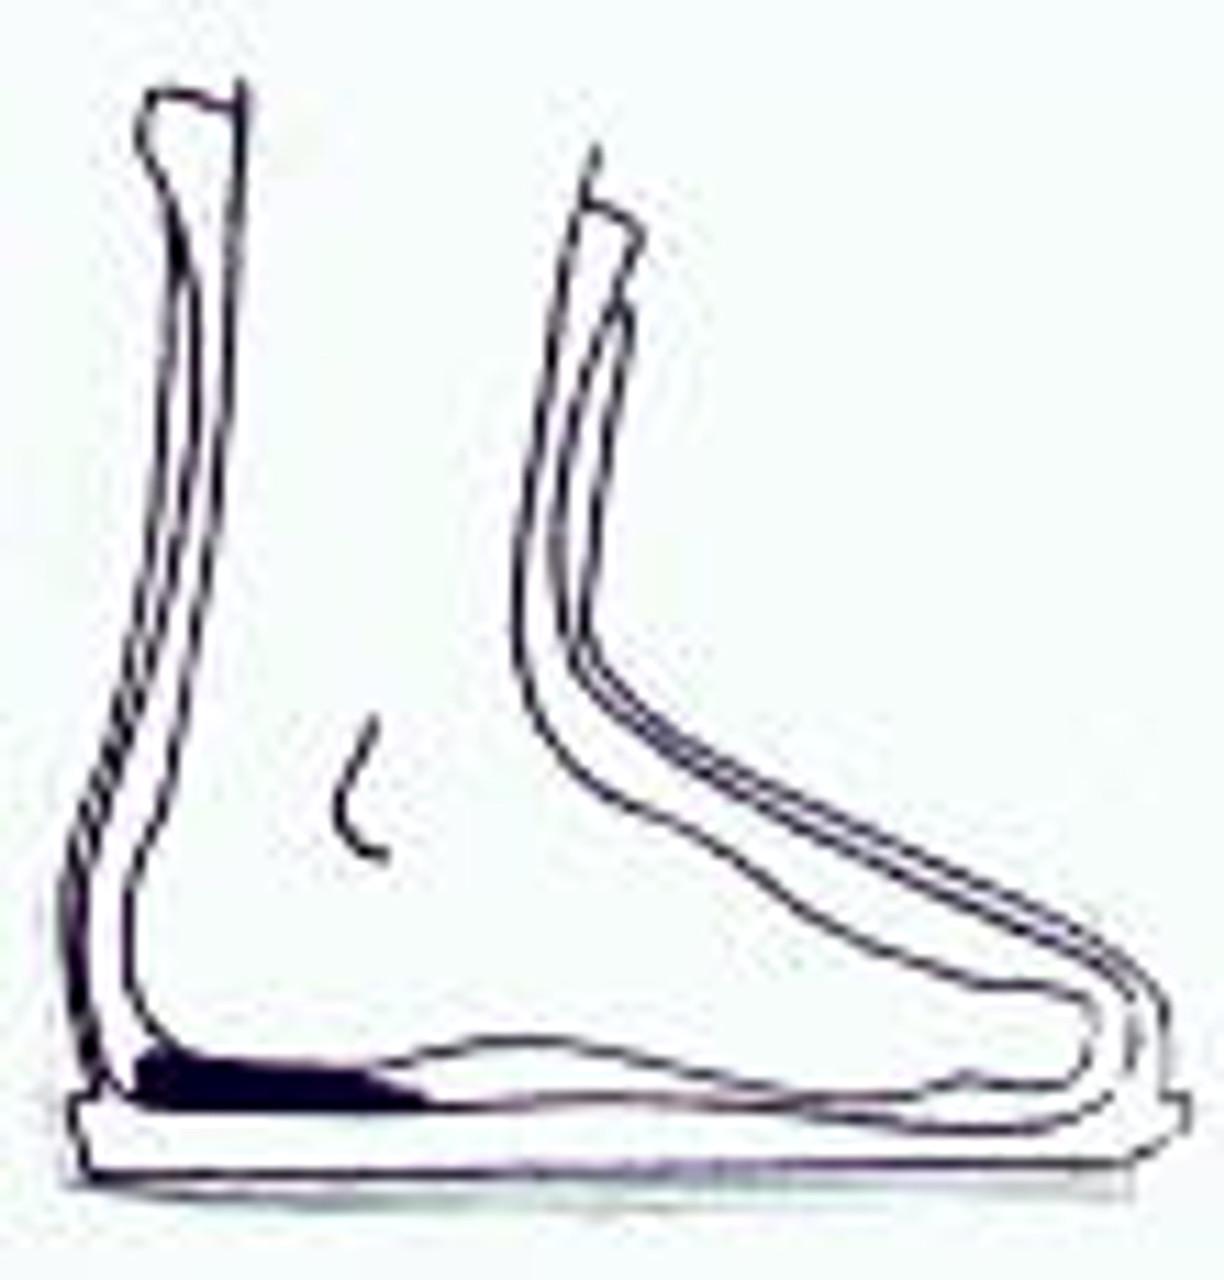 Diagram of Heel Lift Placement